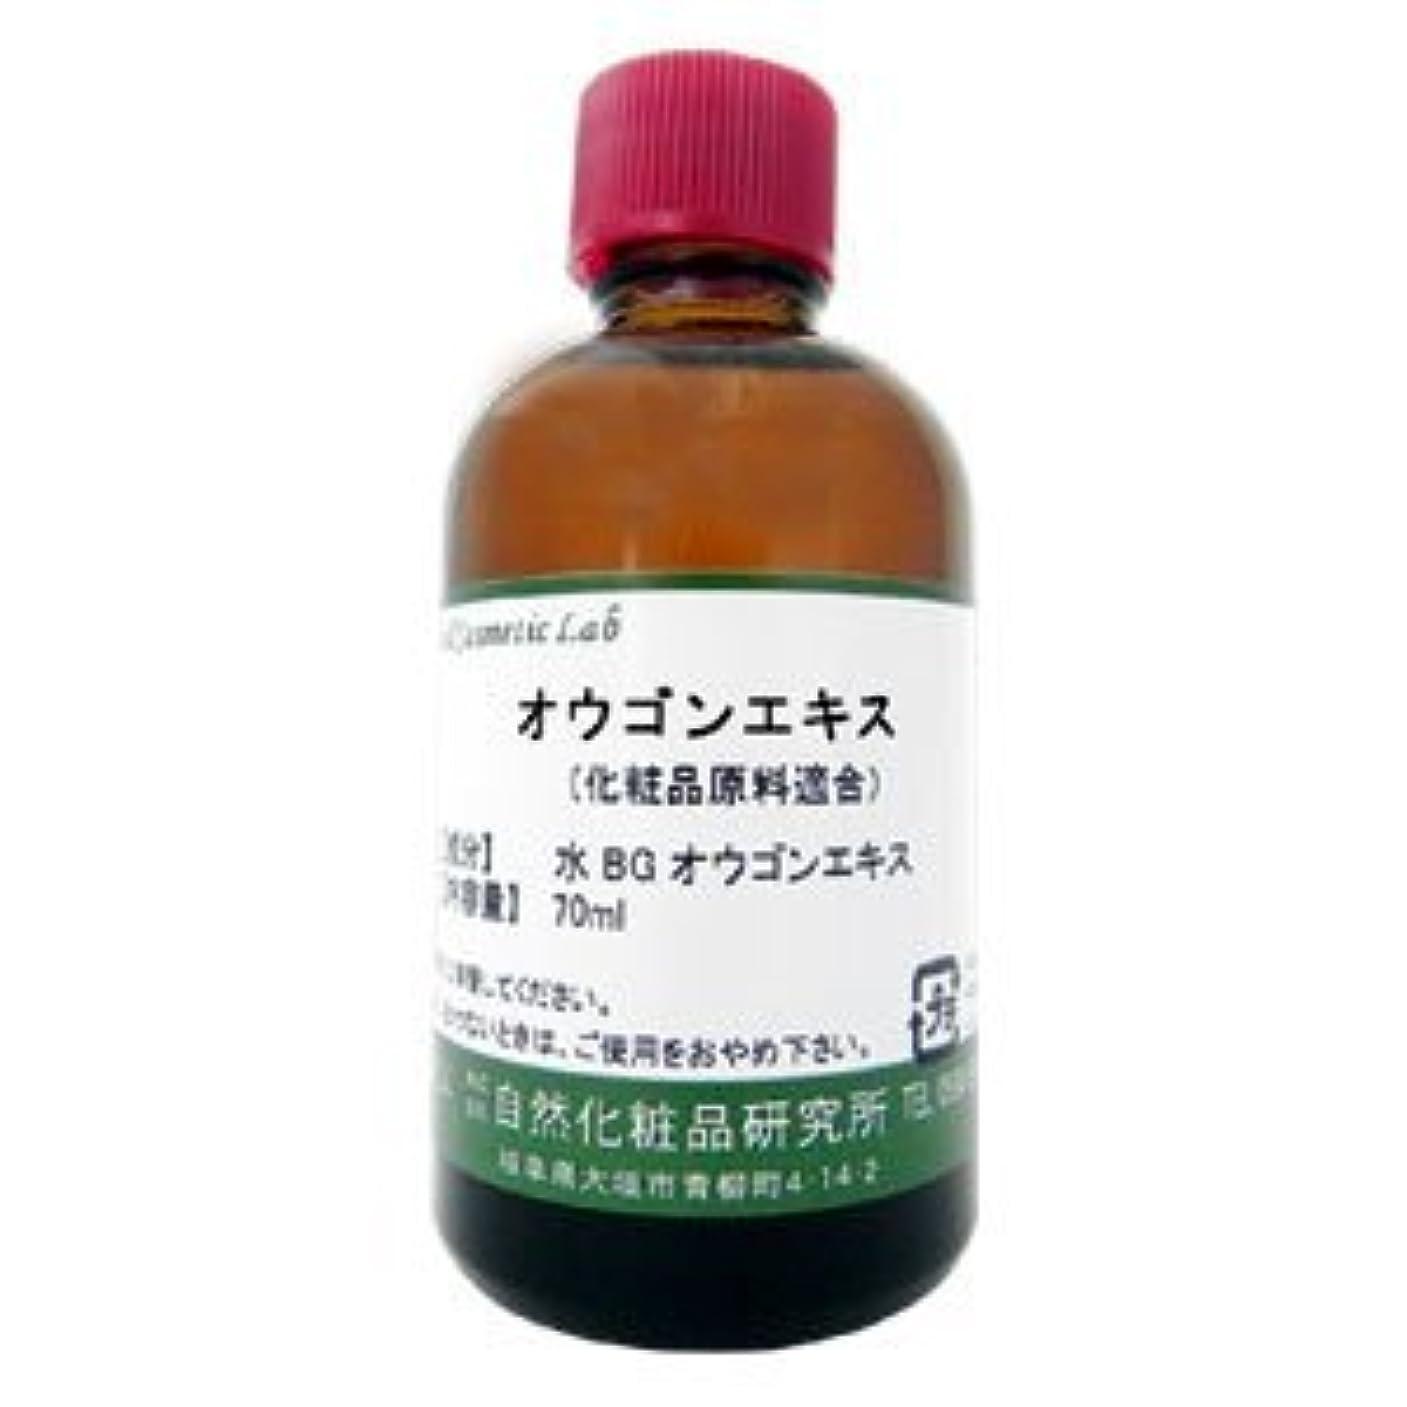 世界的にレバー混合オウゴンエキス 70ml 【手作り化粧品原料】